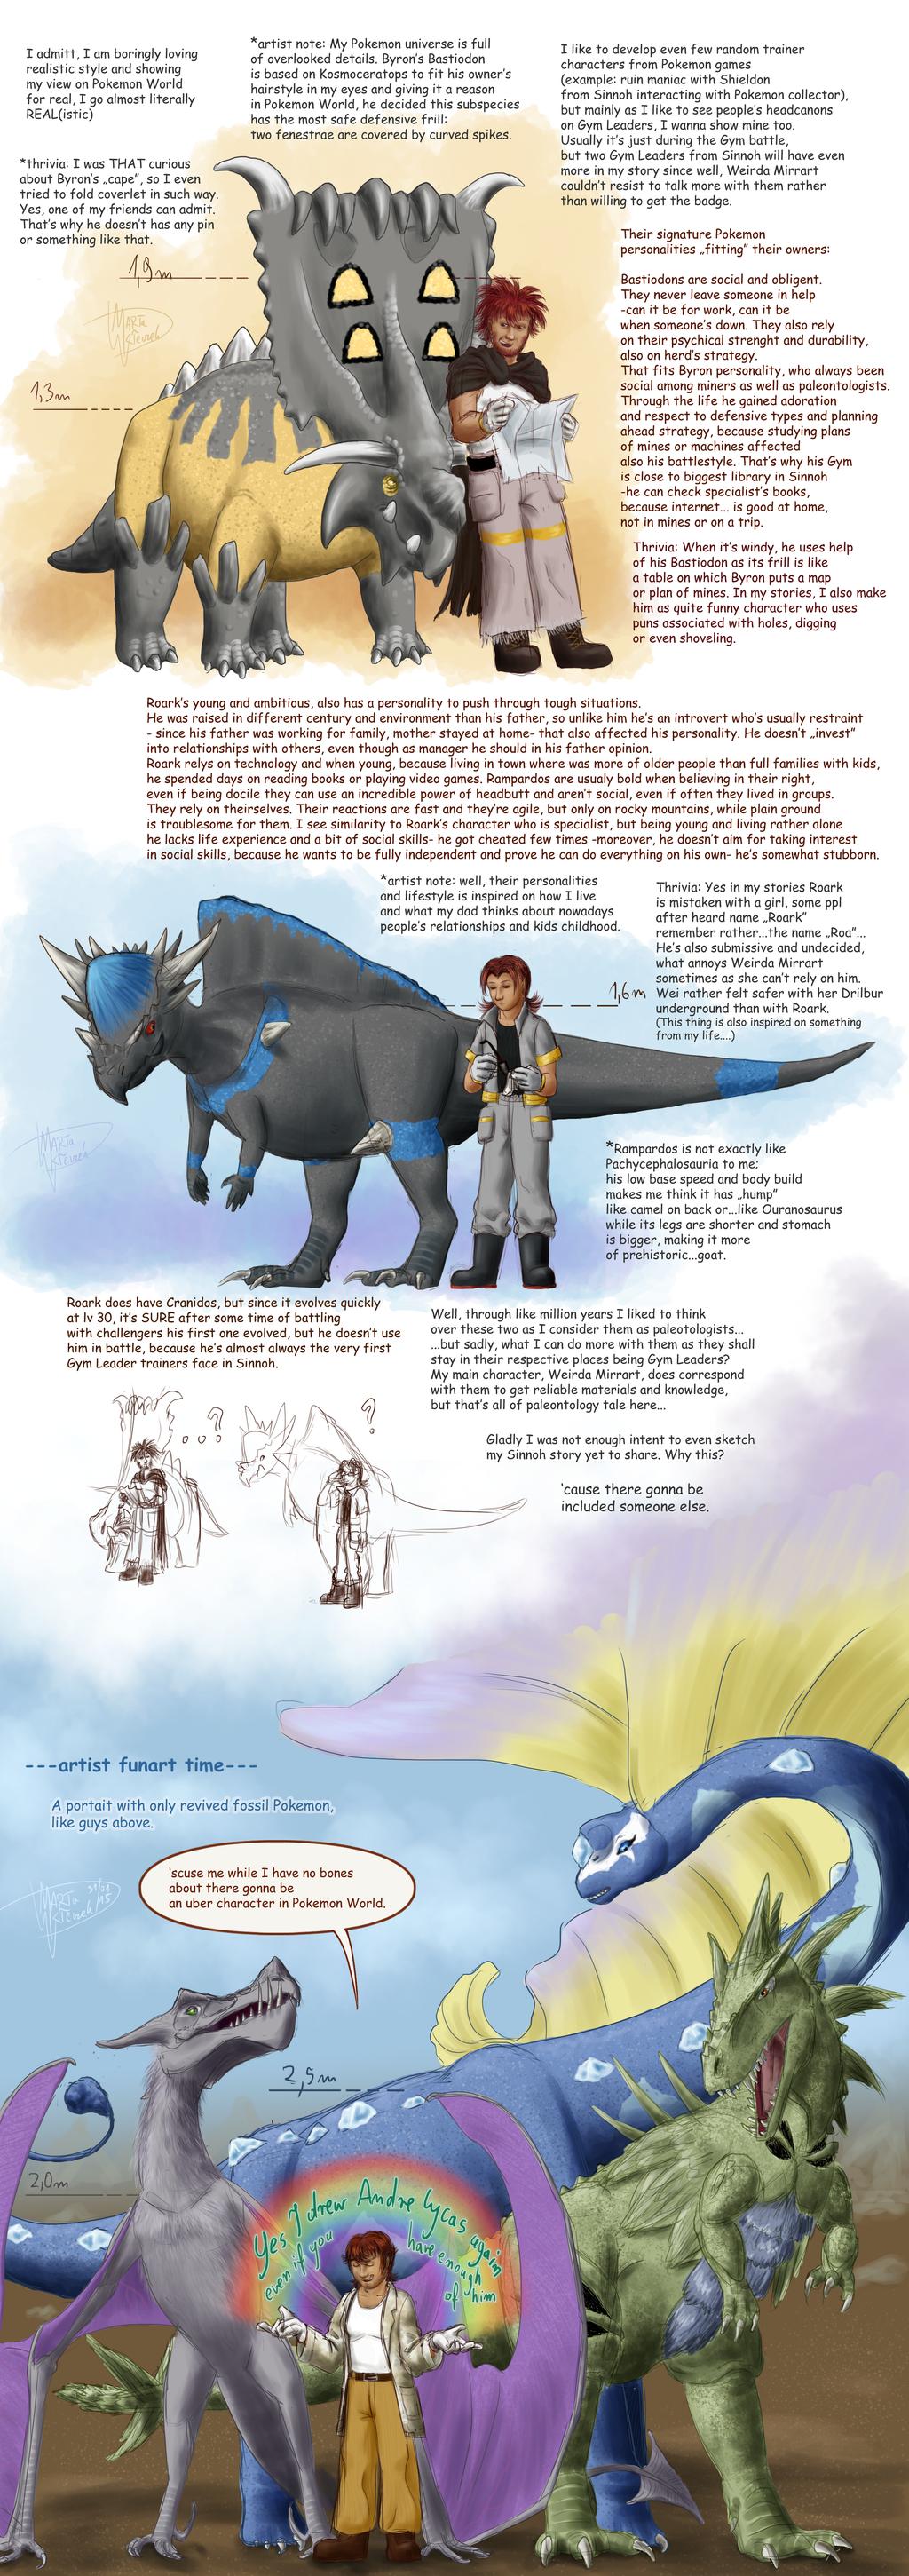 Pokemon Paleontologists trio by Weirda-s-M-art